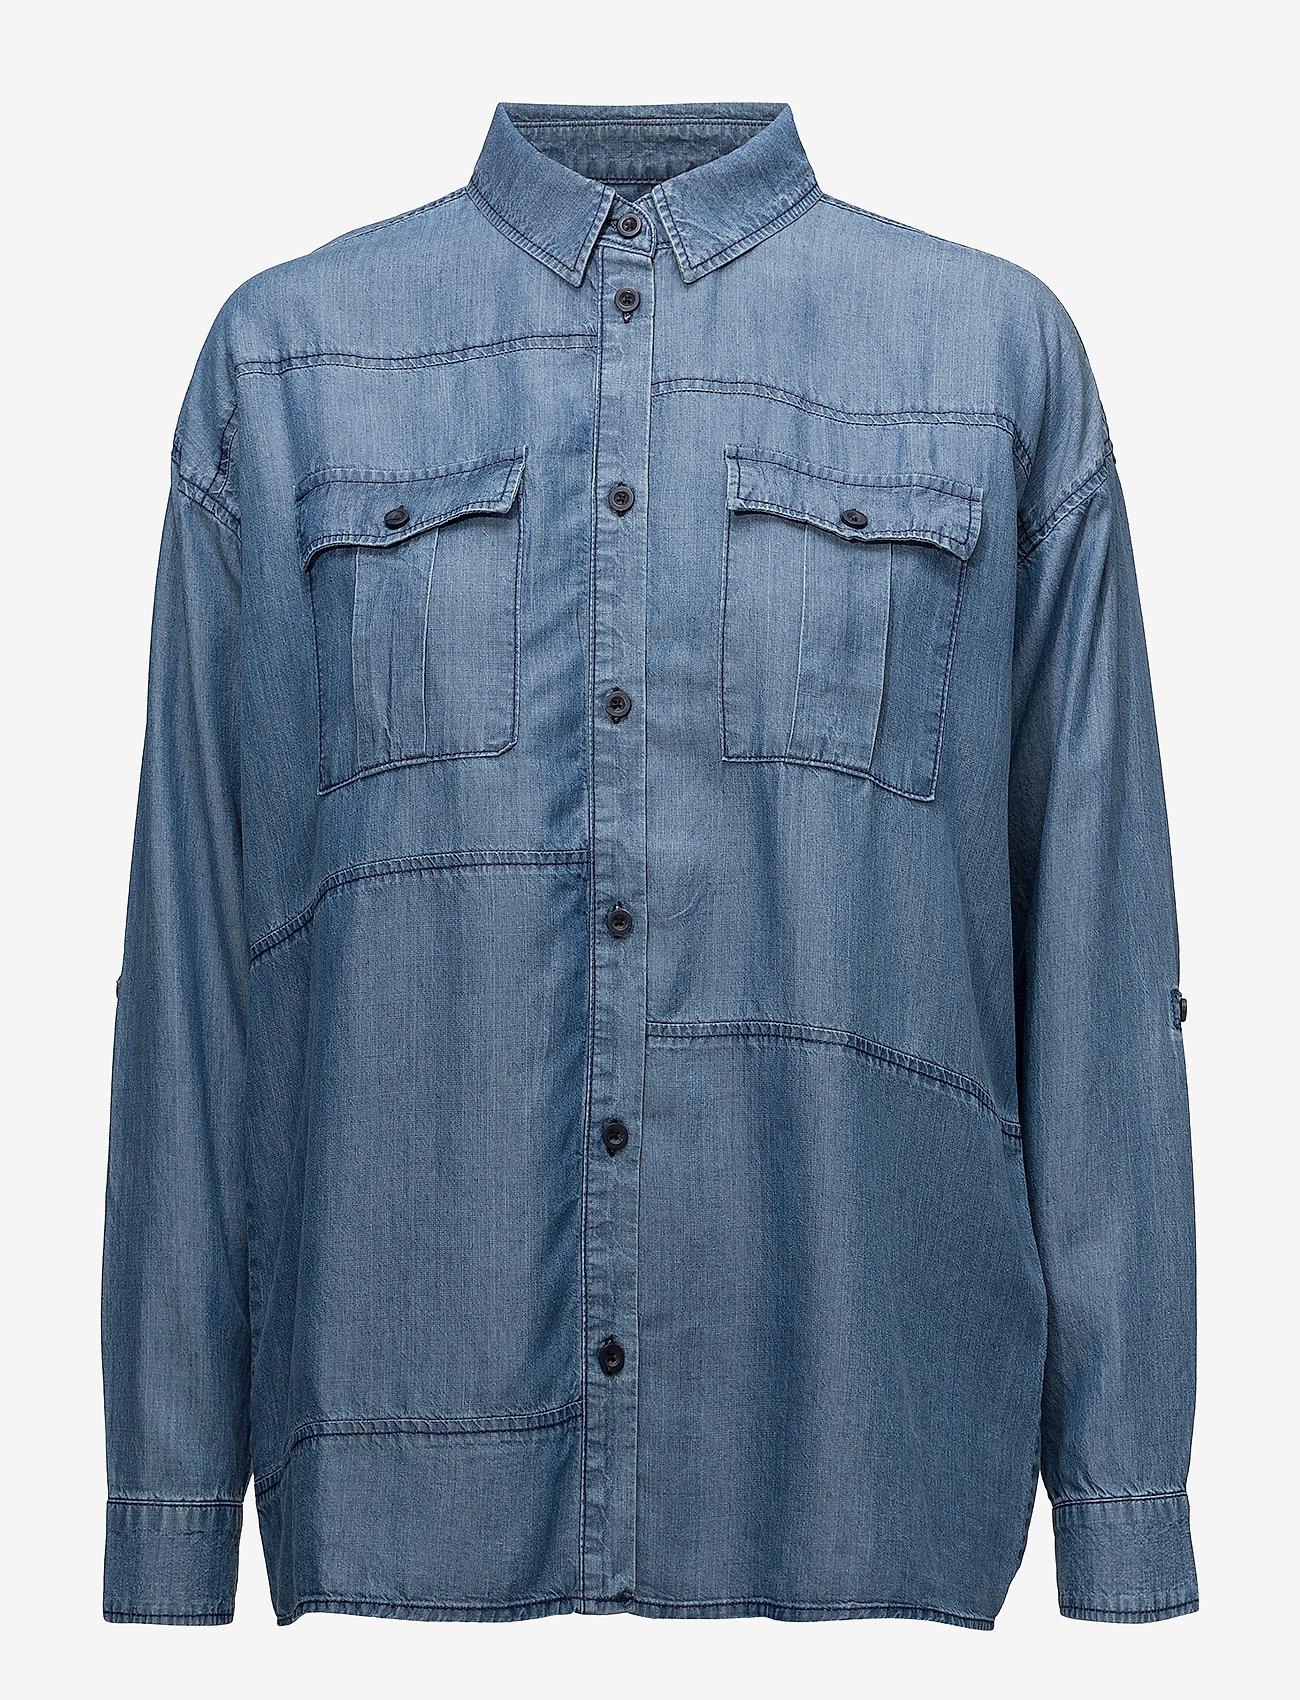 Minimum Cat - Bluzki & Koszule MEDIUM BLUE - Kobiety Odzież.